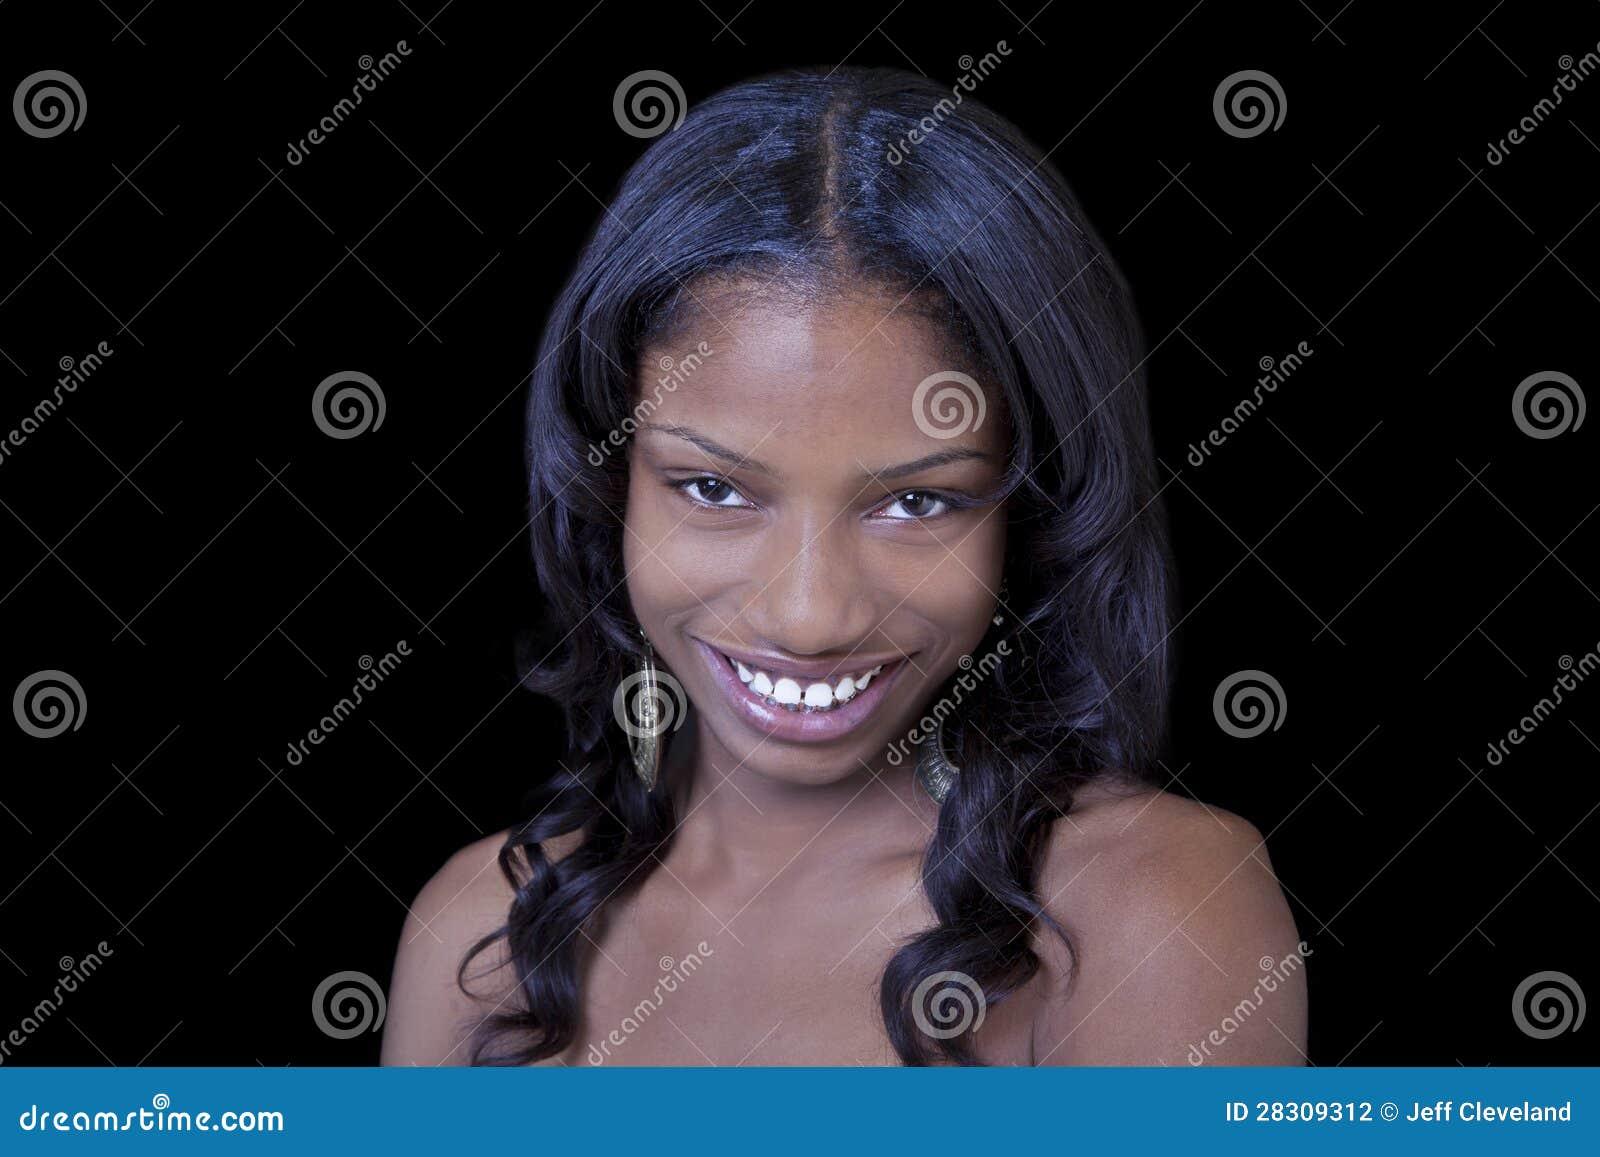 femme maigre nue wannonce savoie